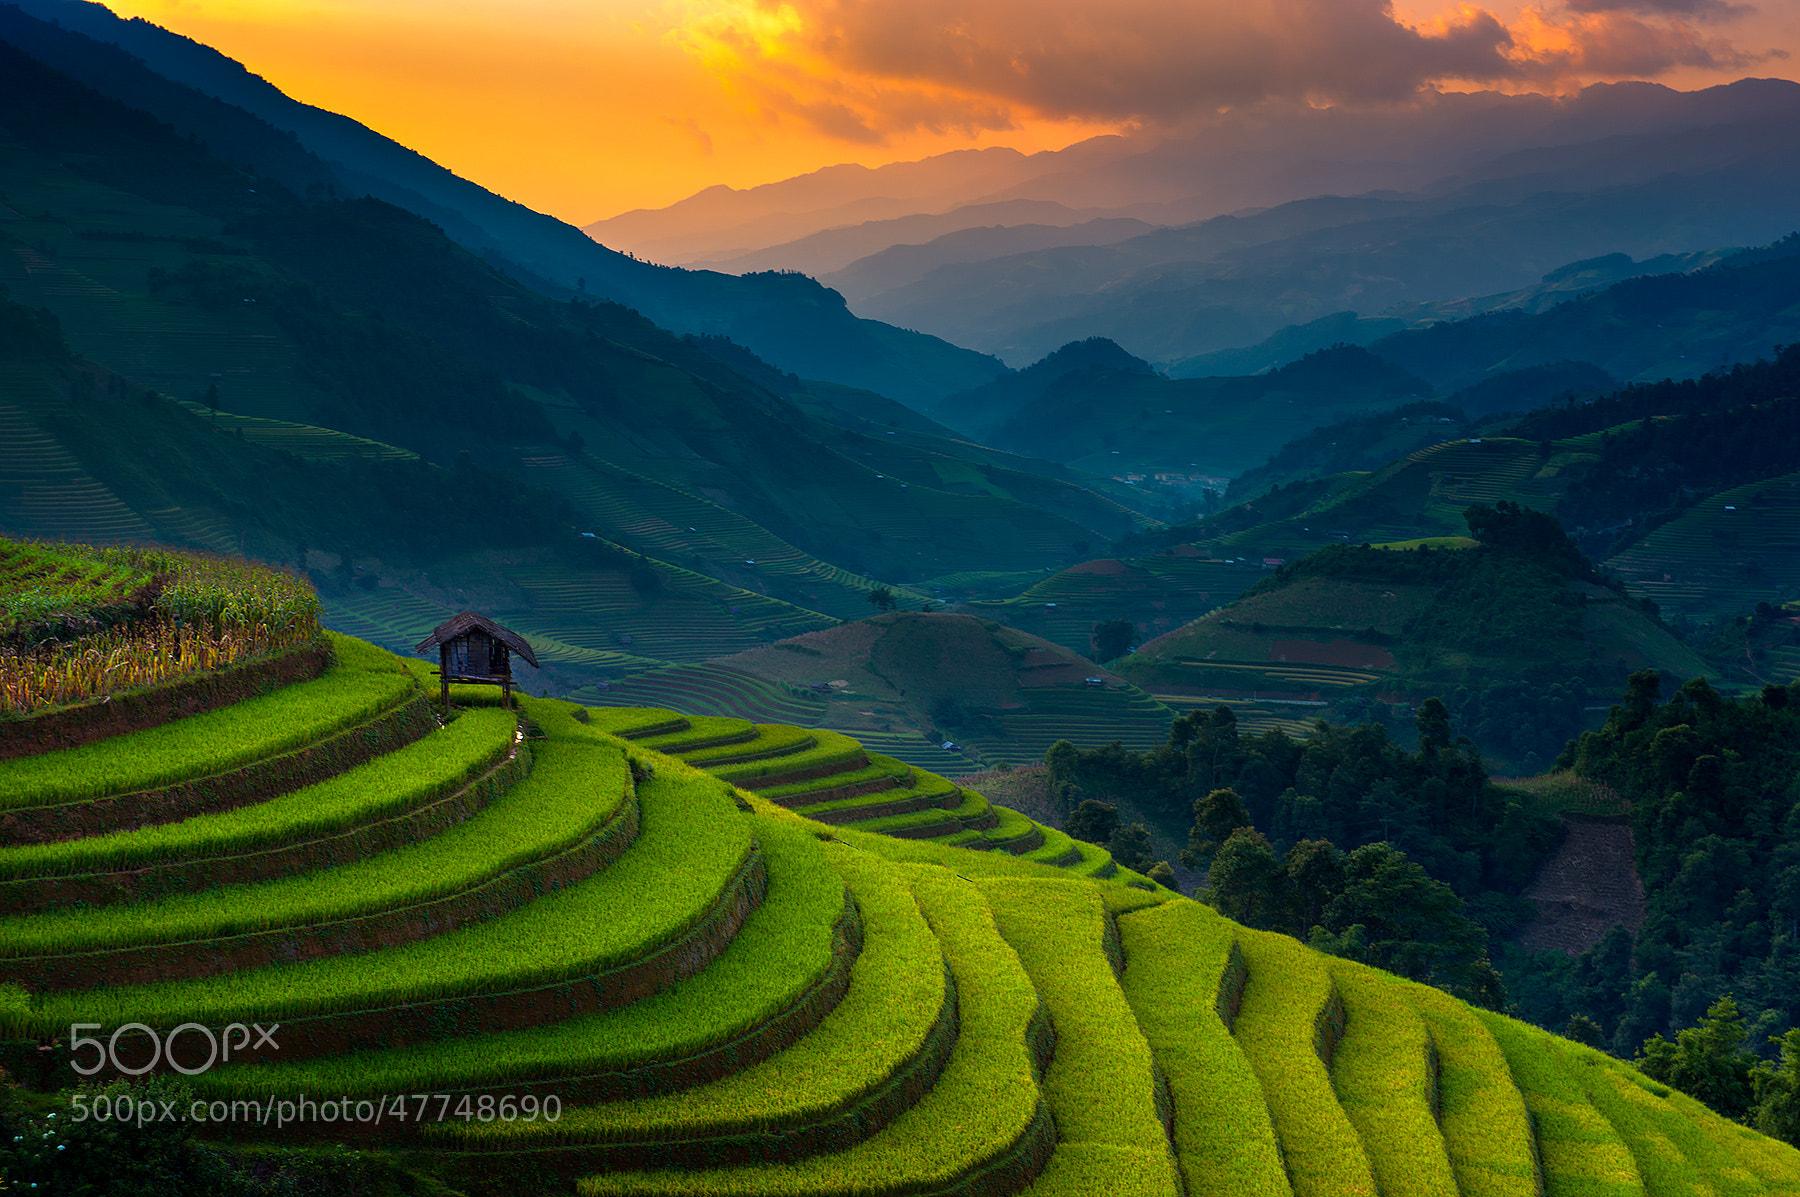 Photograph Sunset @ Mu Cang Chai by Ratnakorn Piyasirisorost on 500px